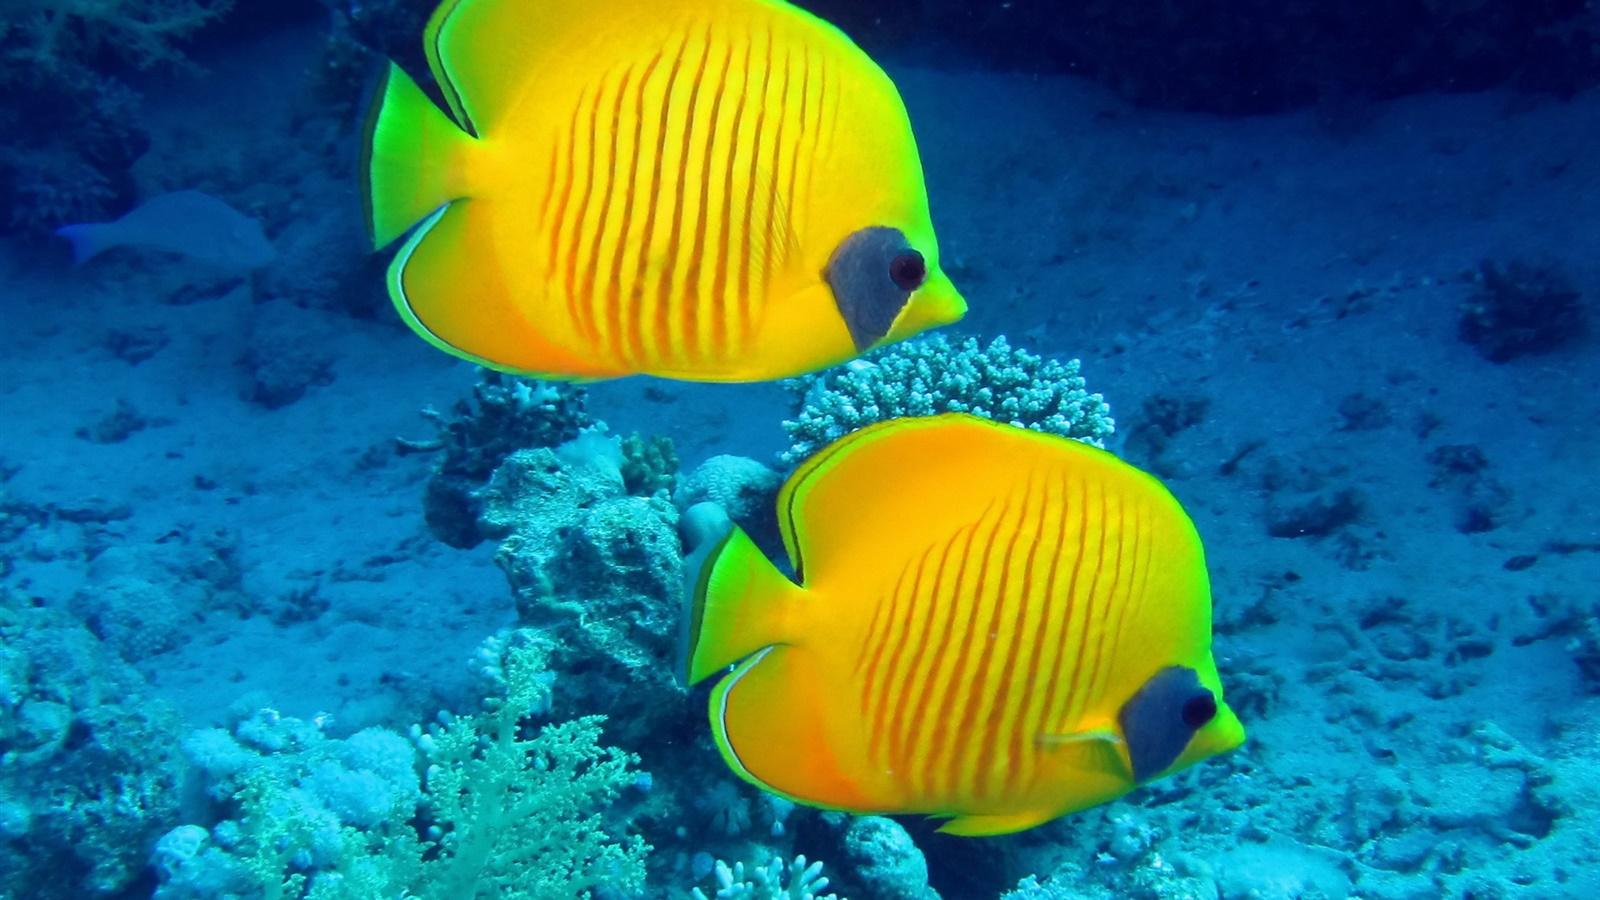 Peces tropicales peces de arrecife de coral amarillo bajo for Peces tropicales